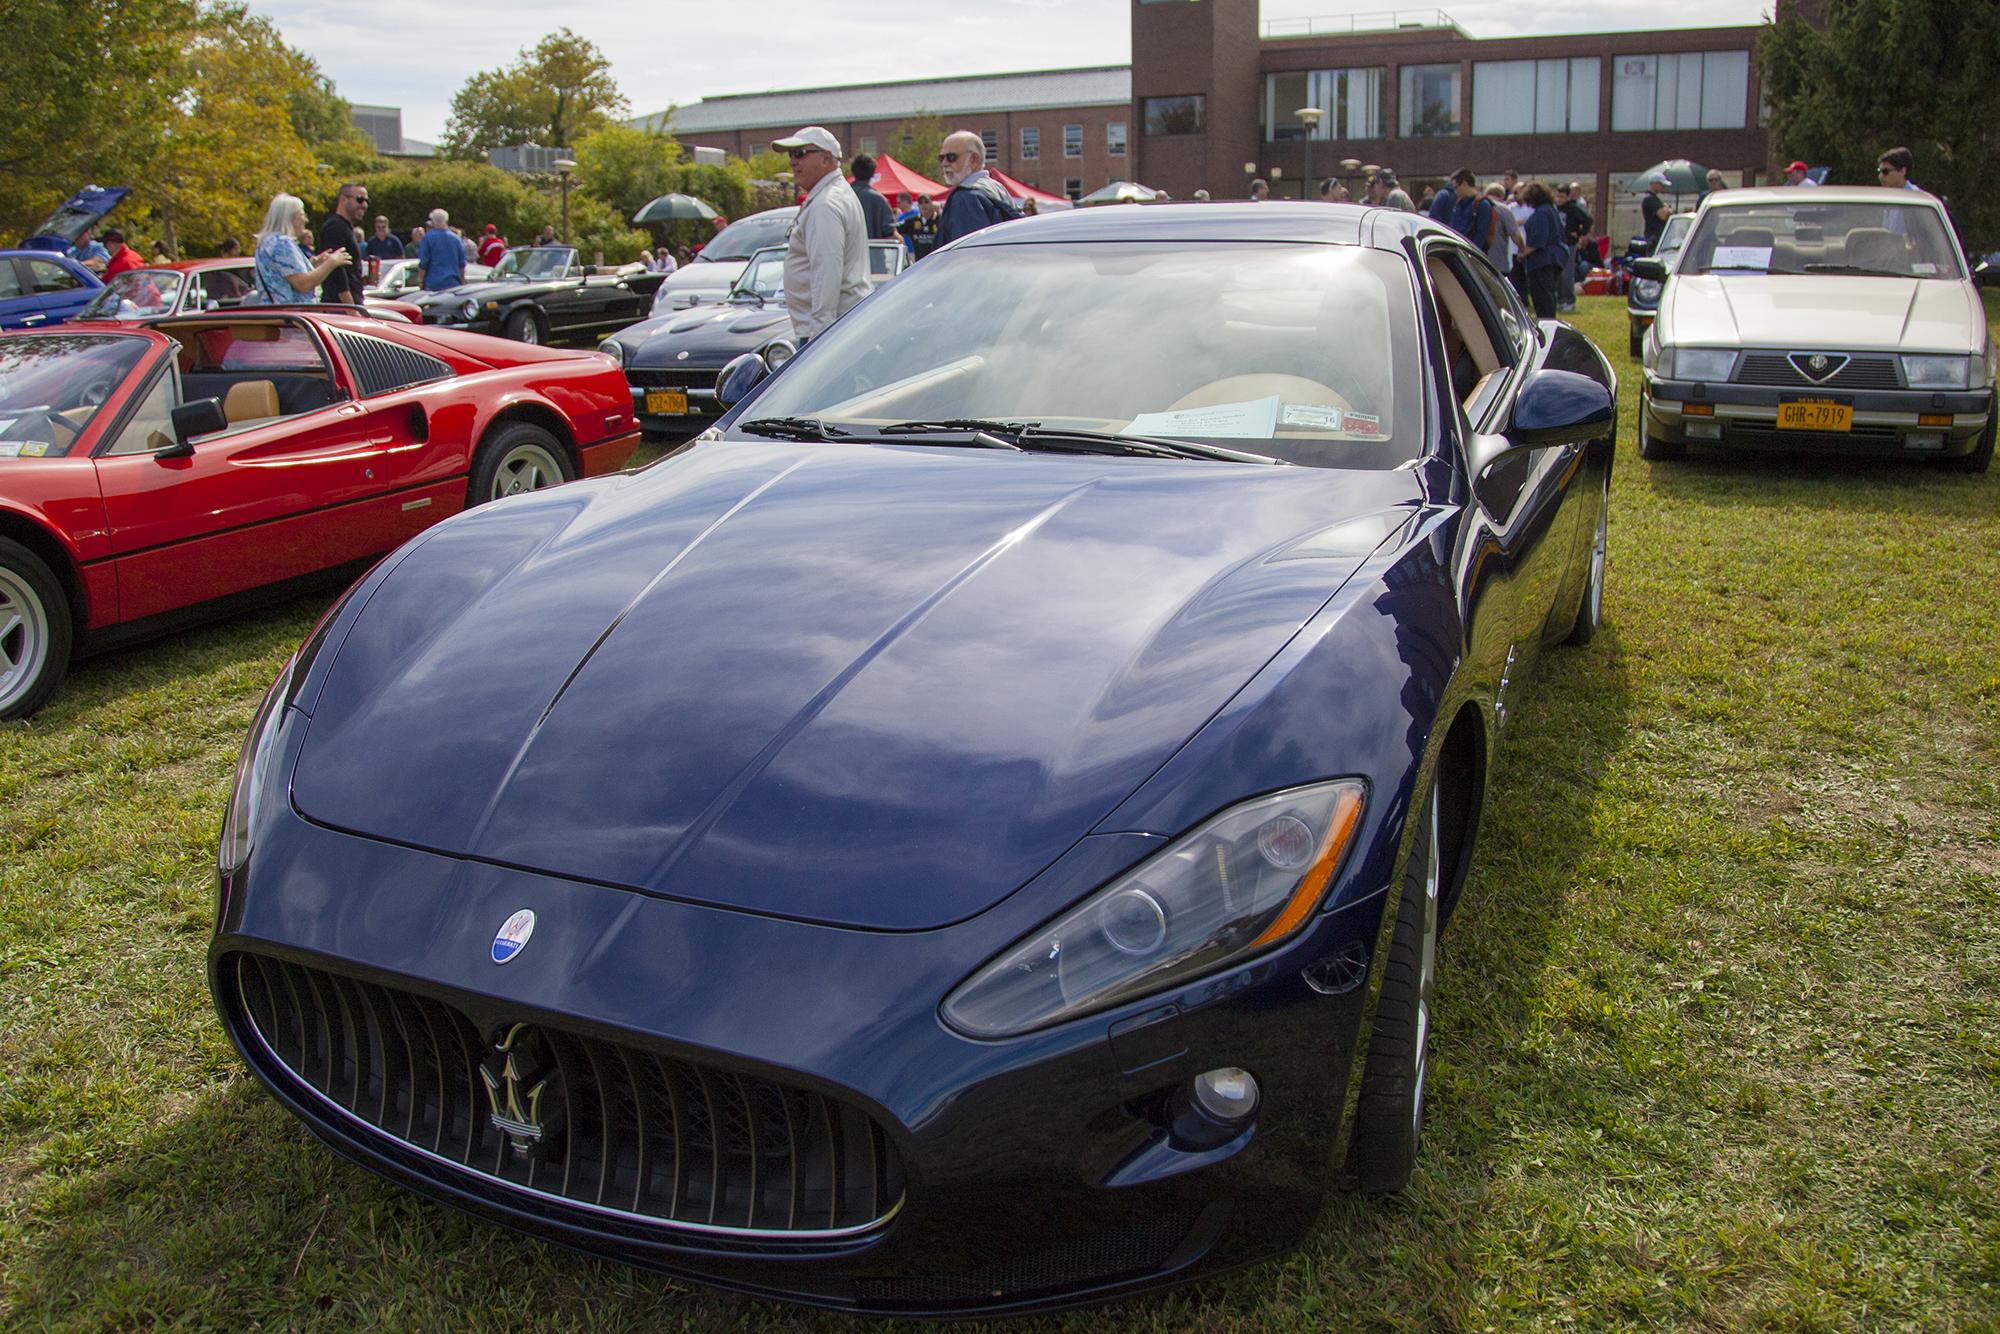 A 2009 Maserati GranTurismo 4.2L at the Concorso d'Eleganza X. GISELLE MIRANDA/THE STATESMAN